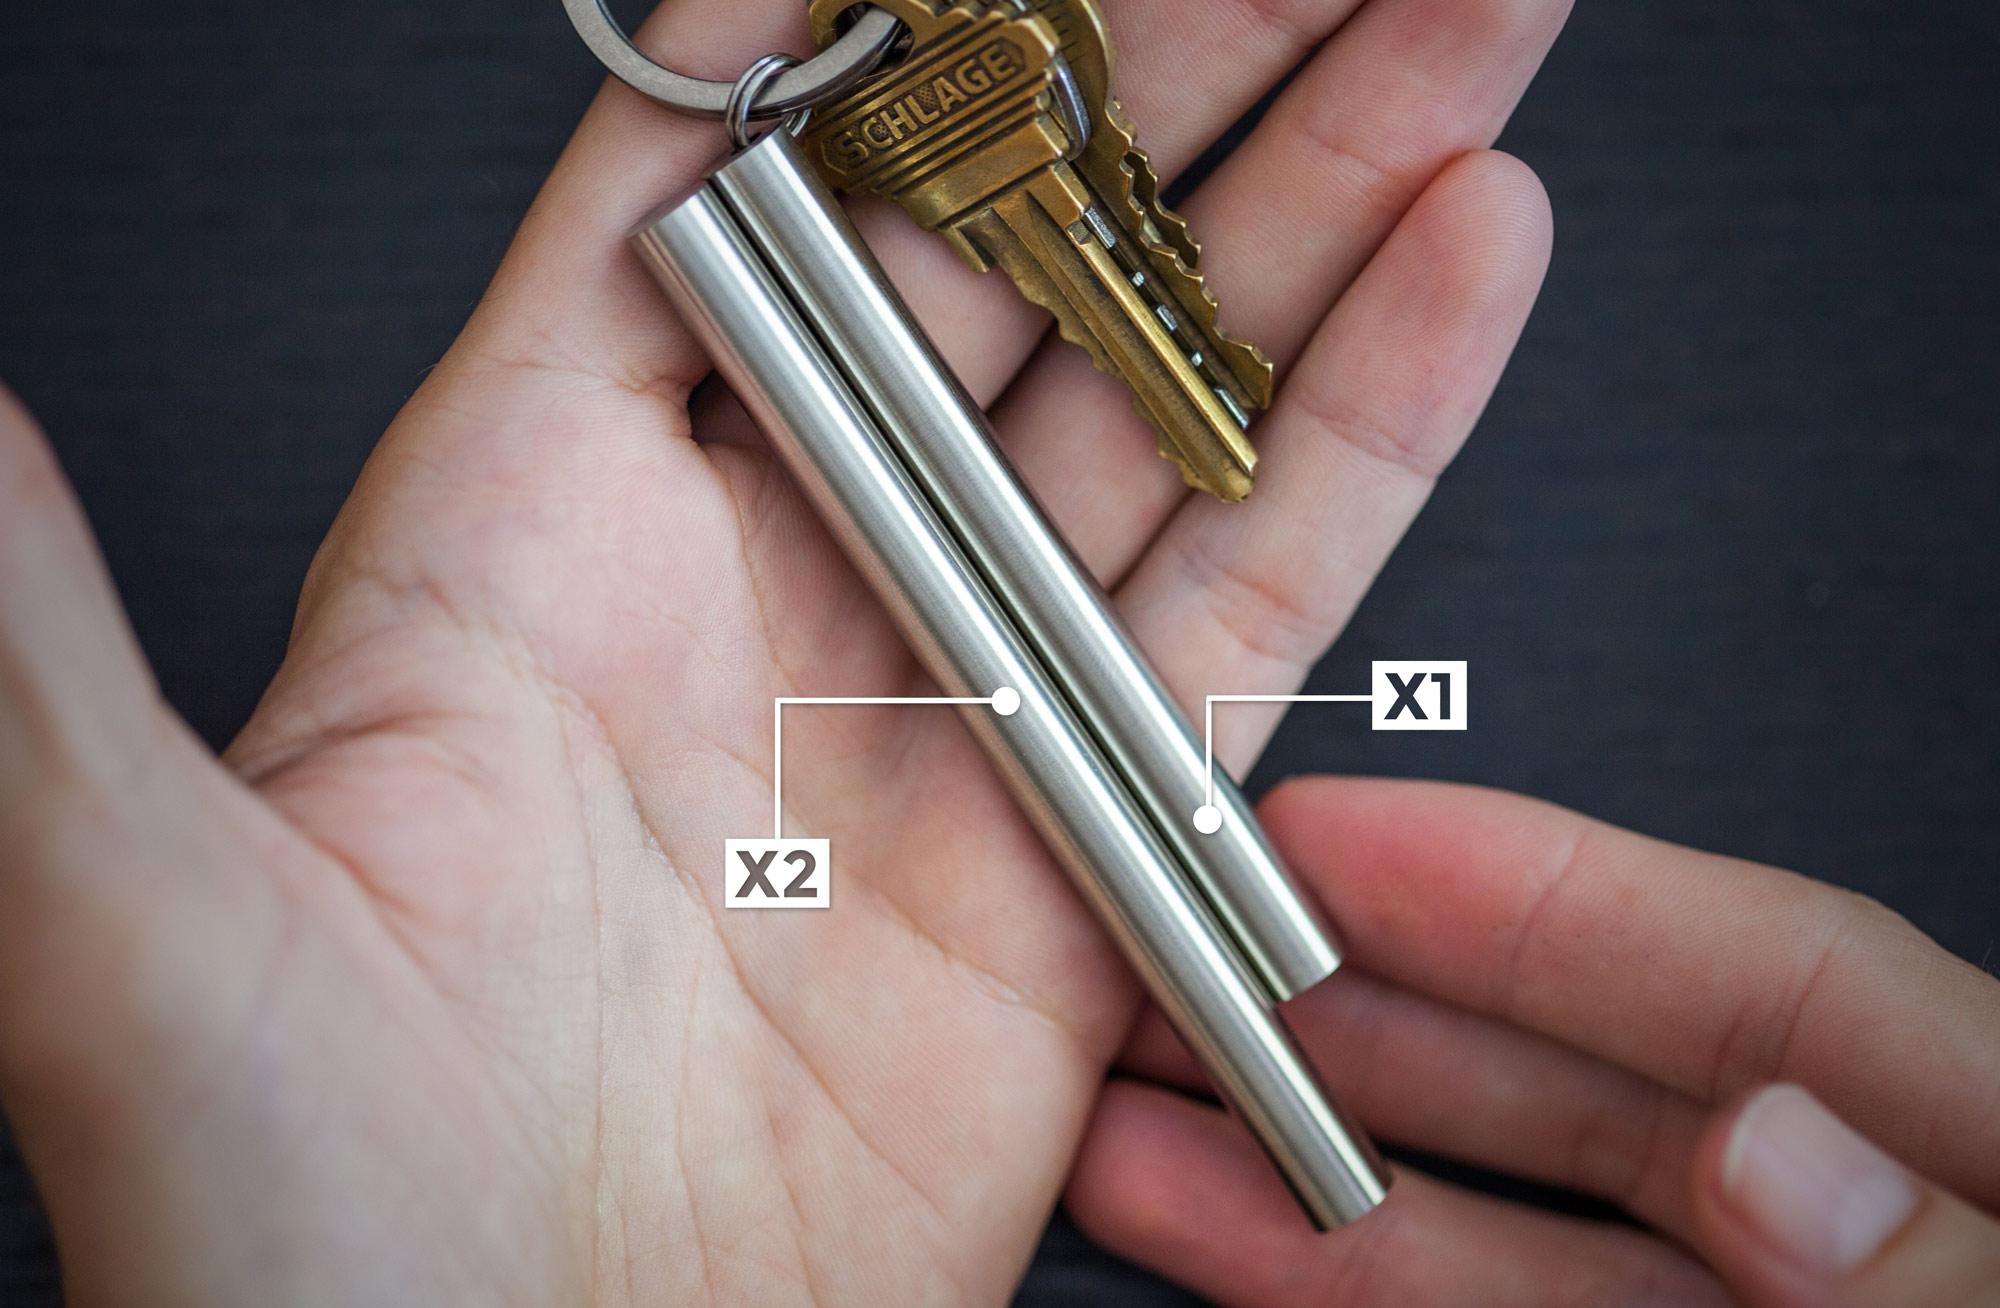 BLANK FORCES - EDC Ink Pen Size Comparison- X1 vs. X2